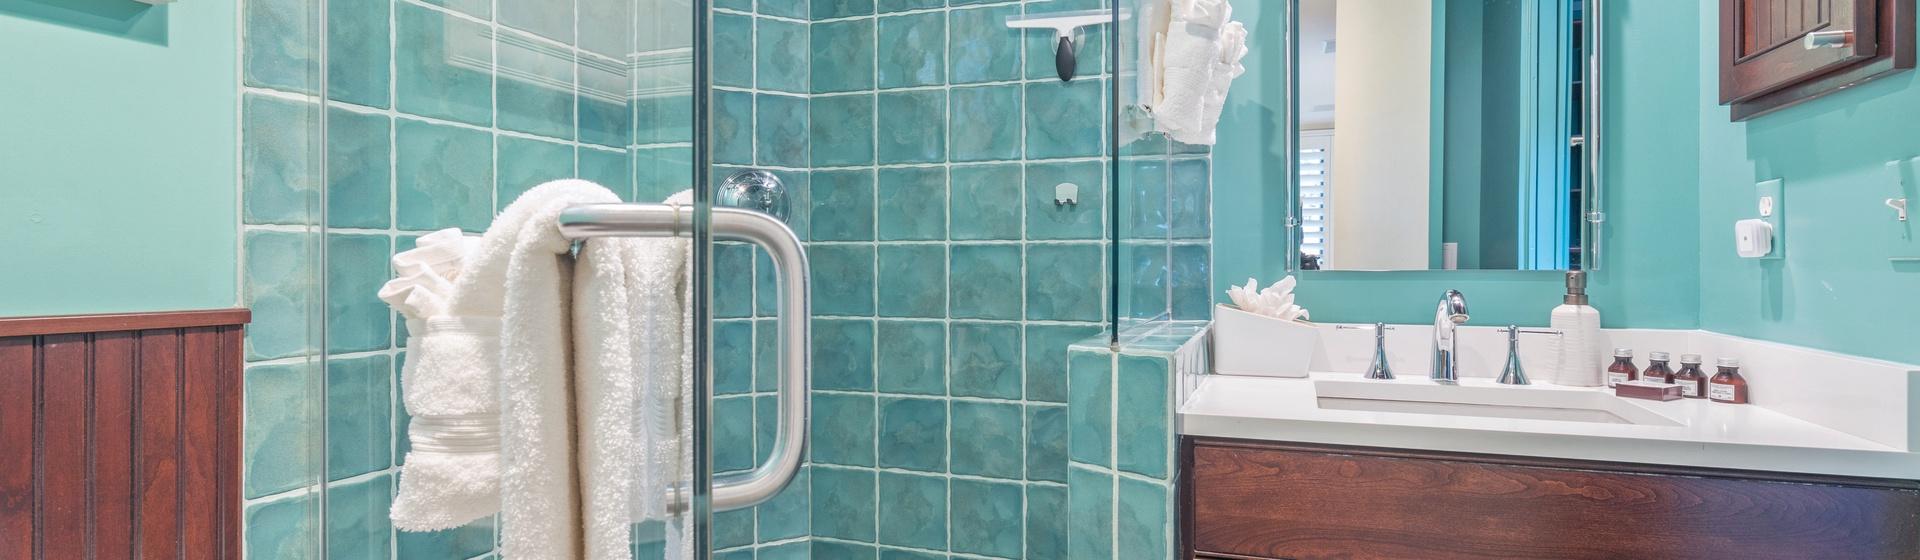 13-Telluride-Ajax-Guest-Bathroom-2-Web.jpg